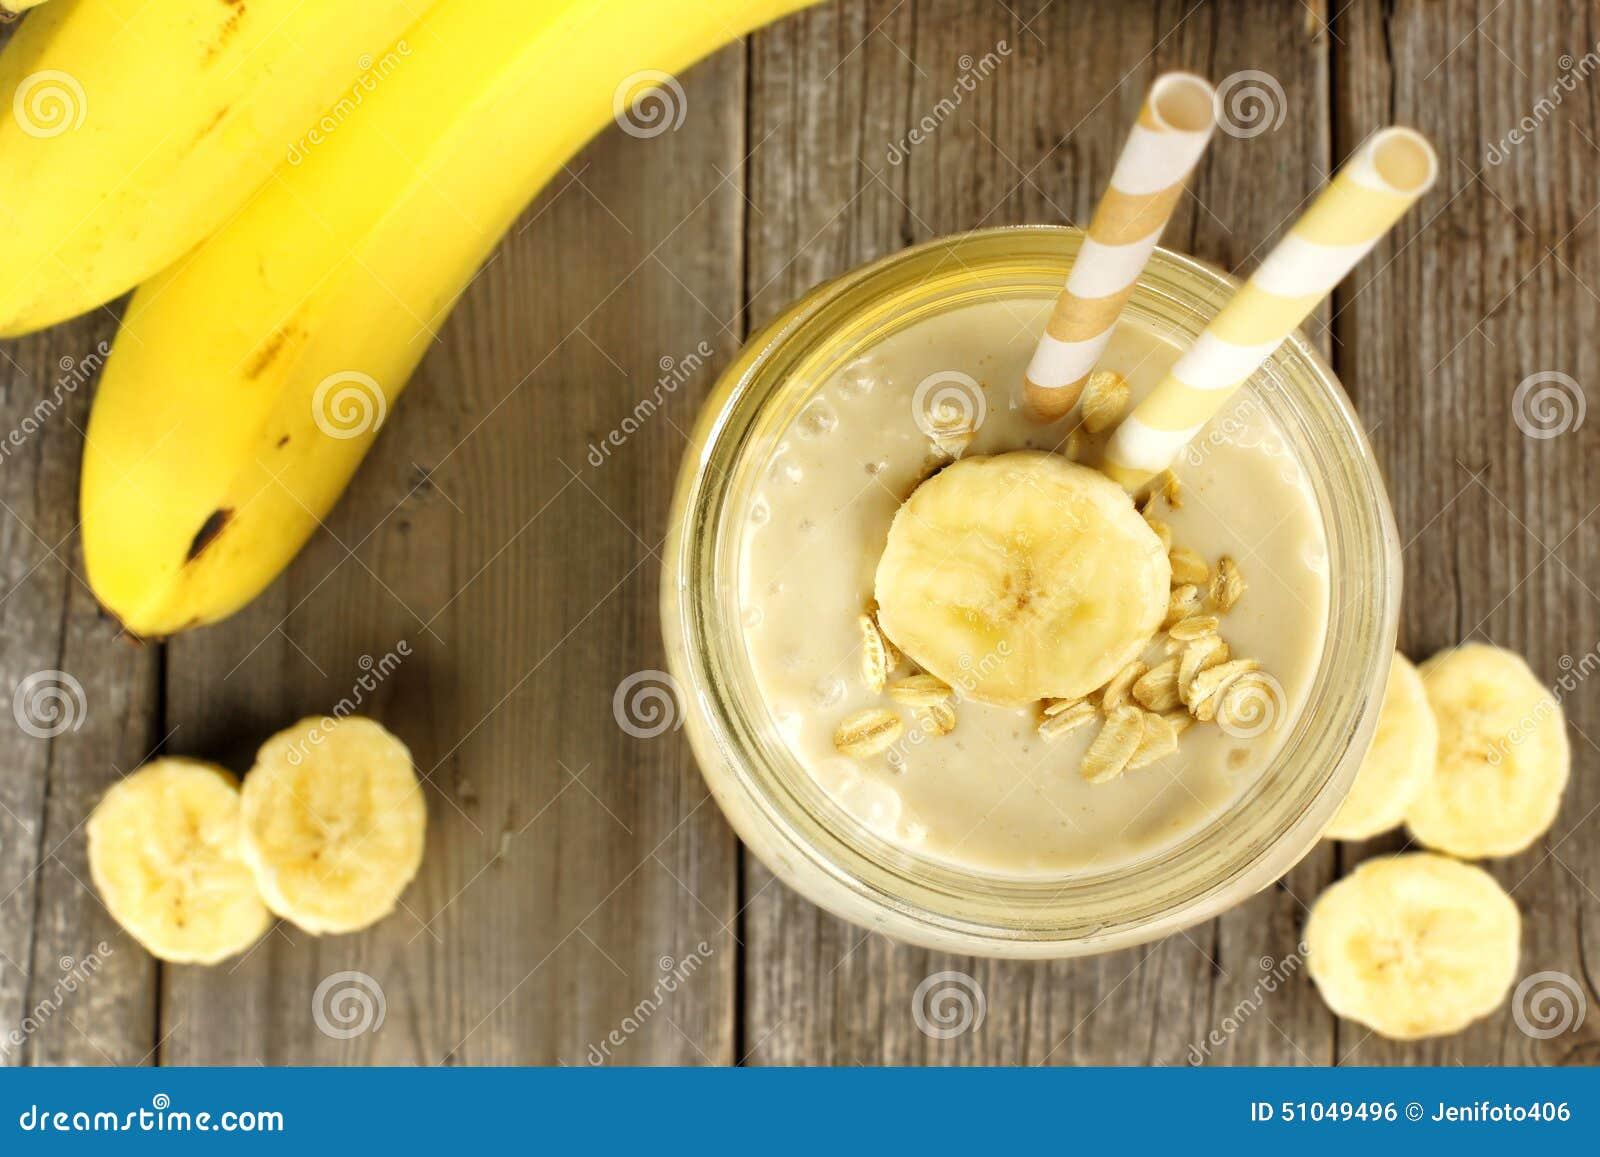 frullato di colazione di banana perdita di peso